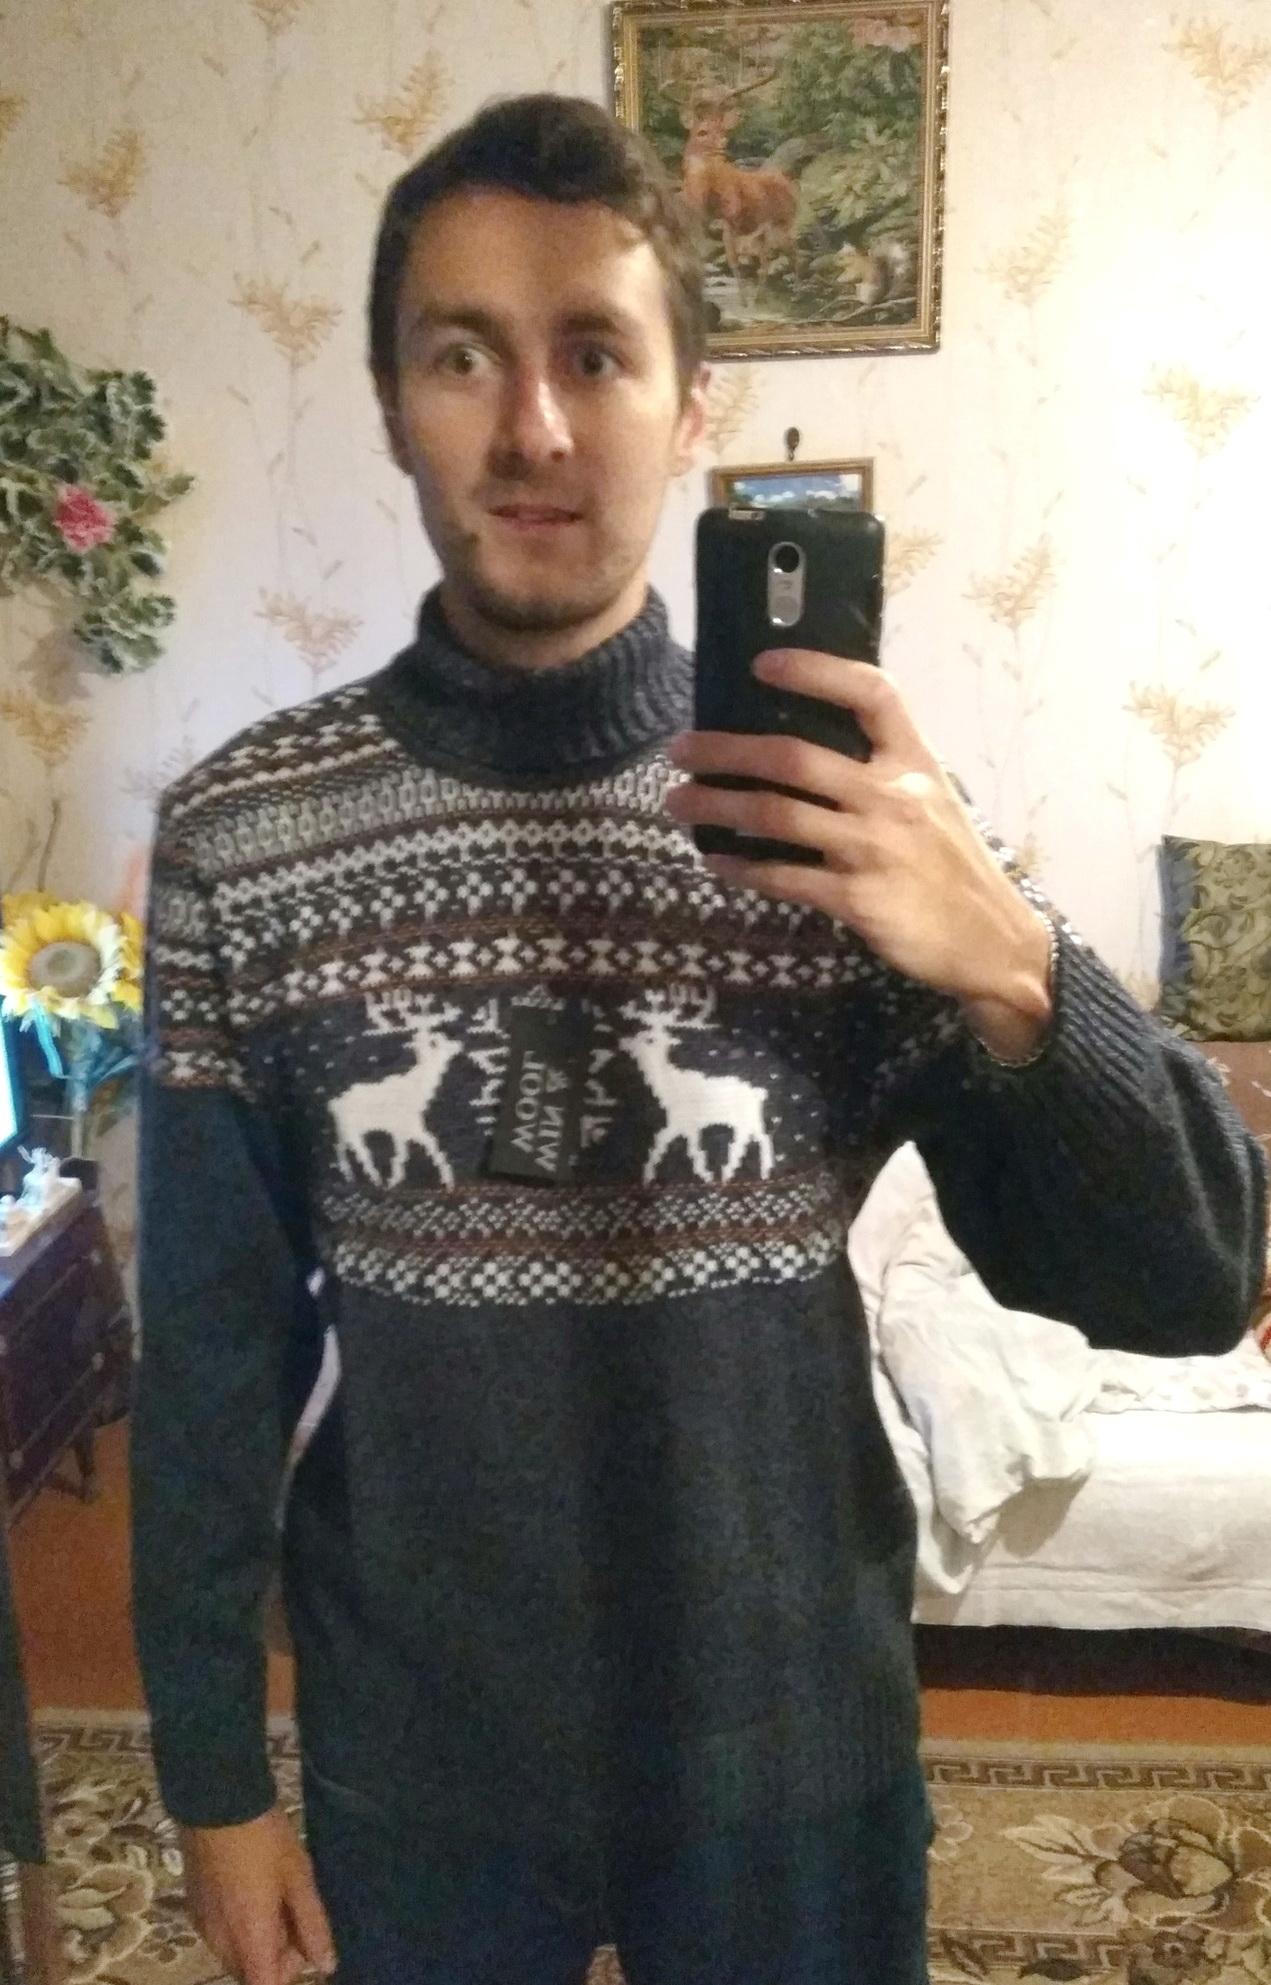 Термокостюм (комбинезон) мужской зимний 2SKIN, Fossa купить в ... 7b799a69f24